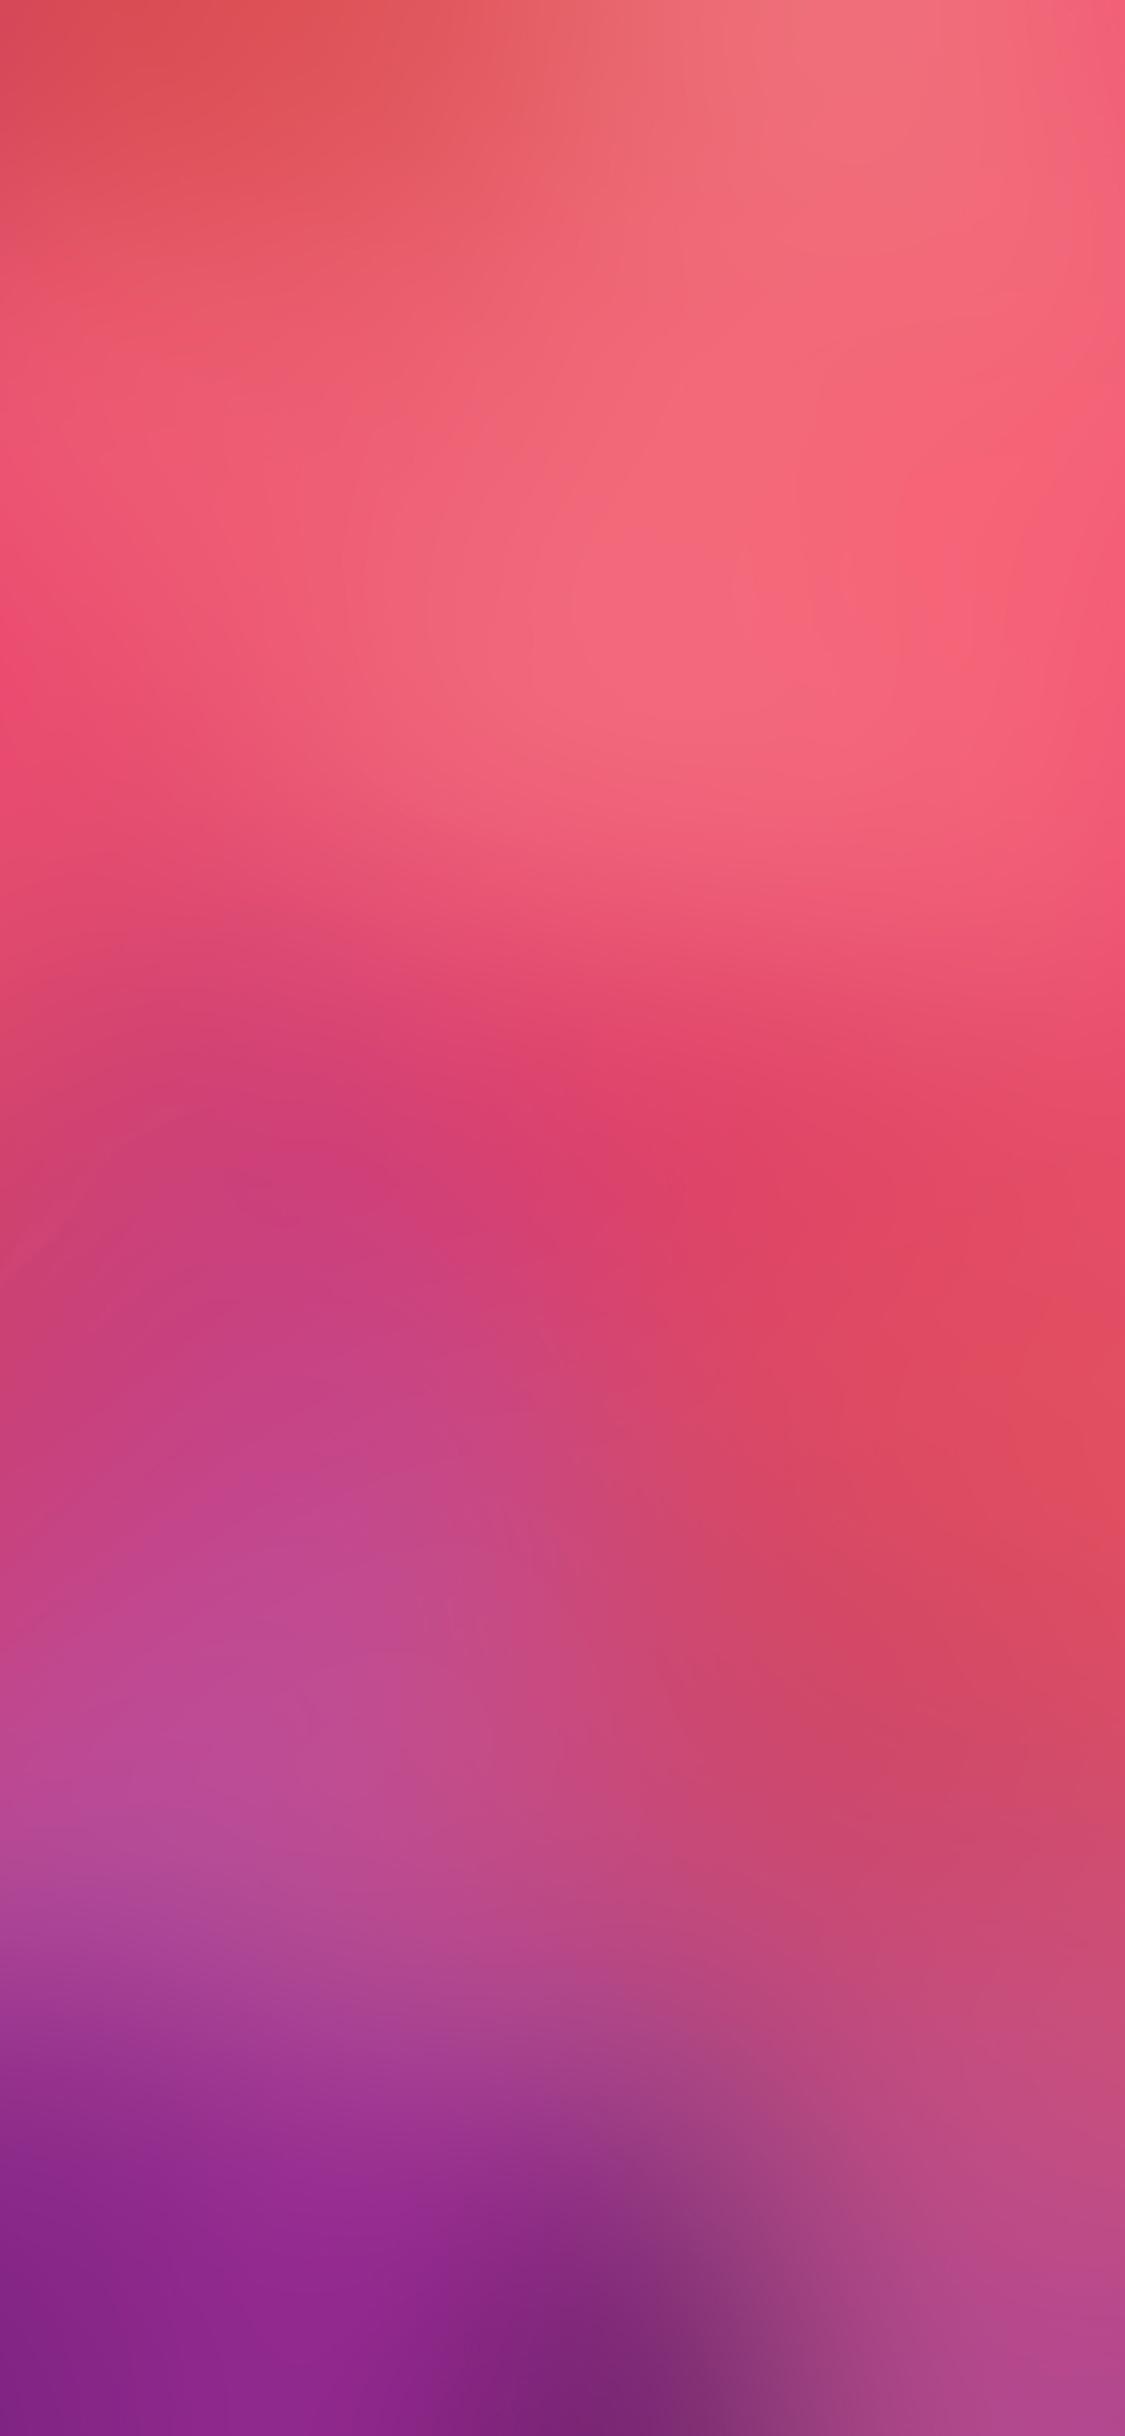 iPhoneXpapers.com-Apple-iPhone-wallpaper-sb65-wallpaper-blocks-of-violet-triangles-blur